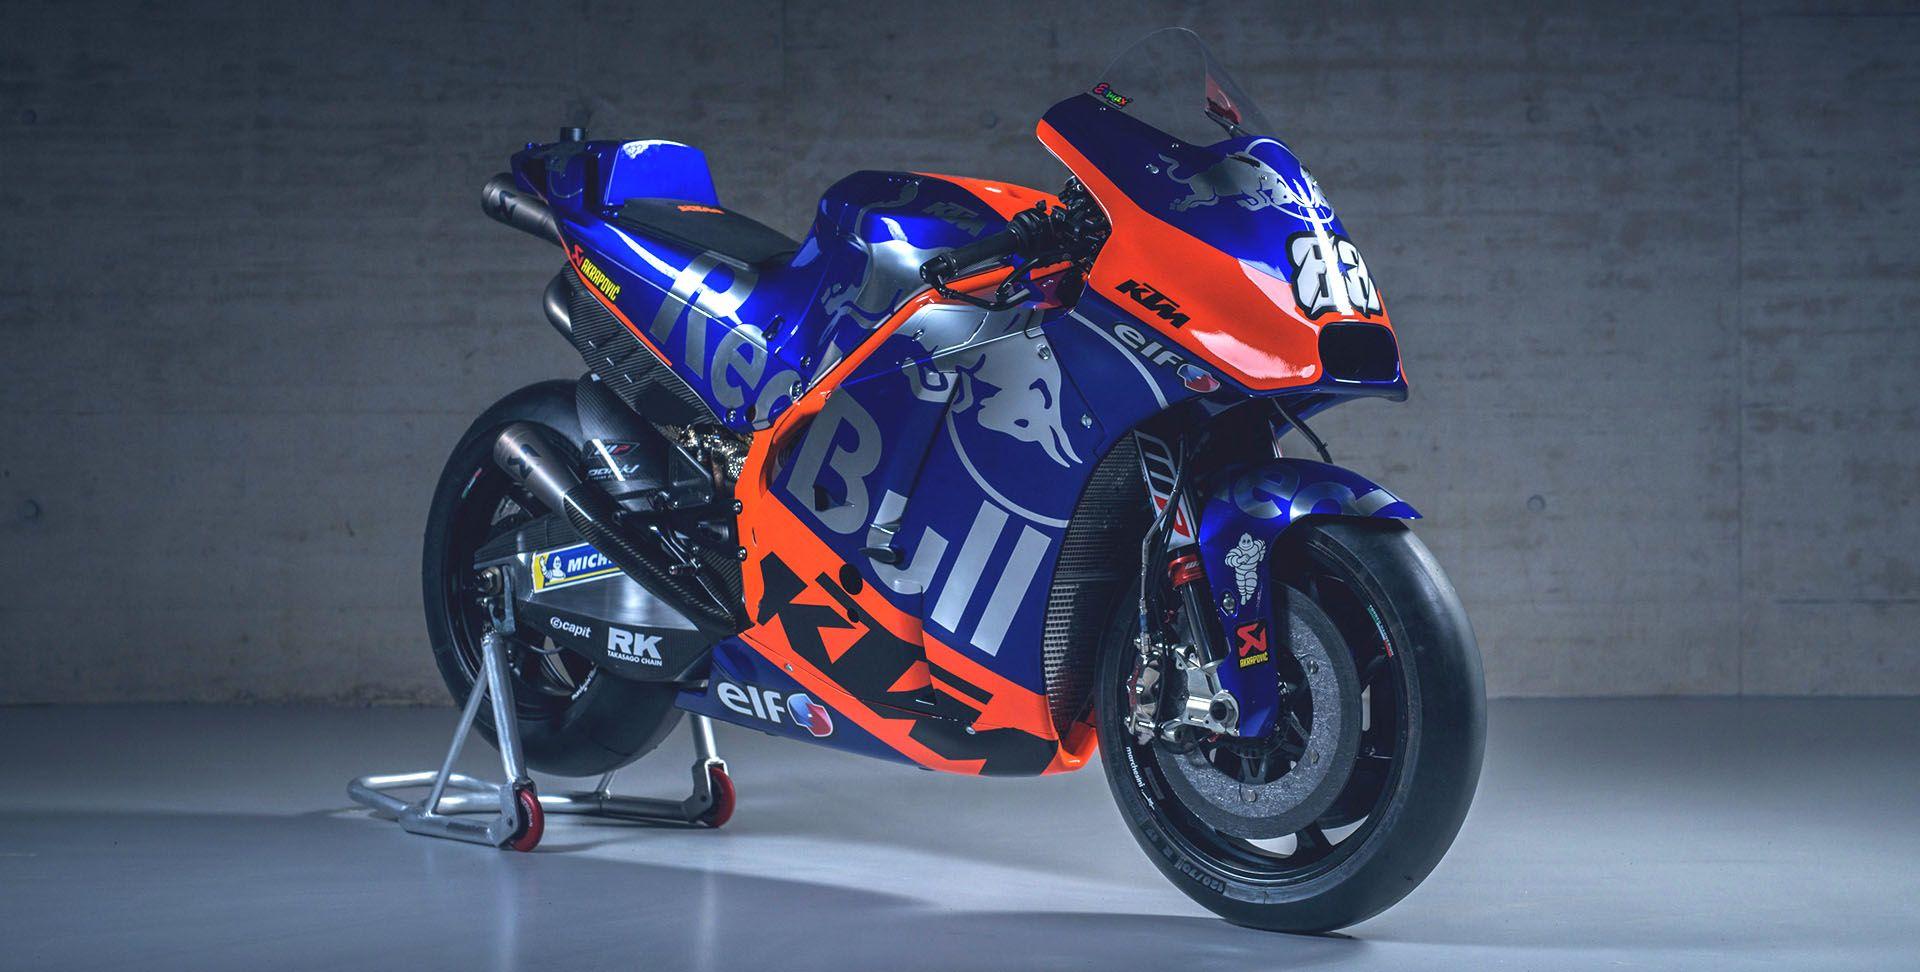 Bike Red Bull Racing Sepeda Sepeda Motor